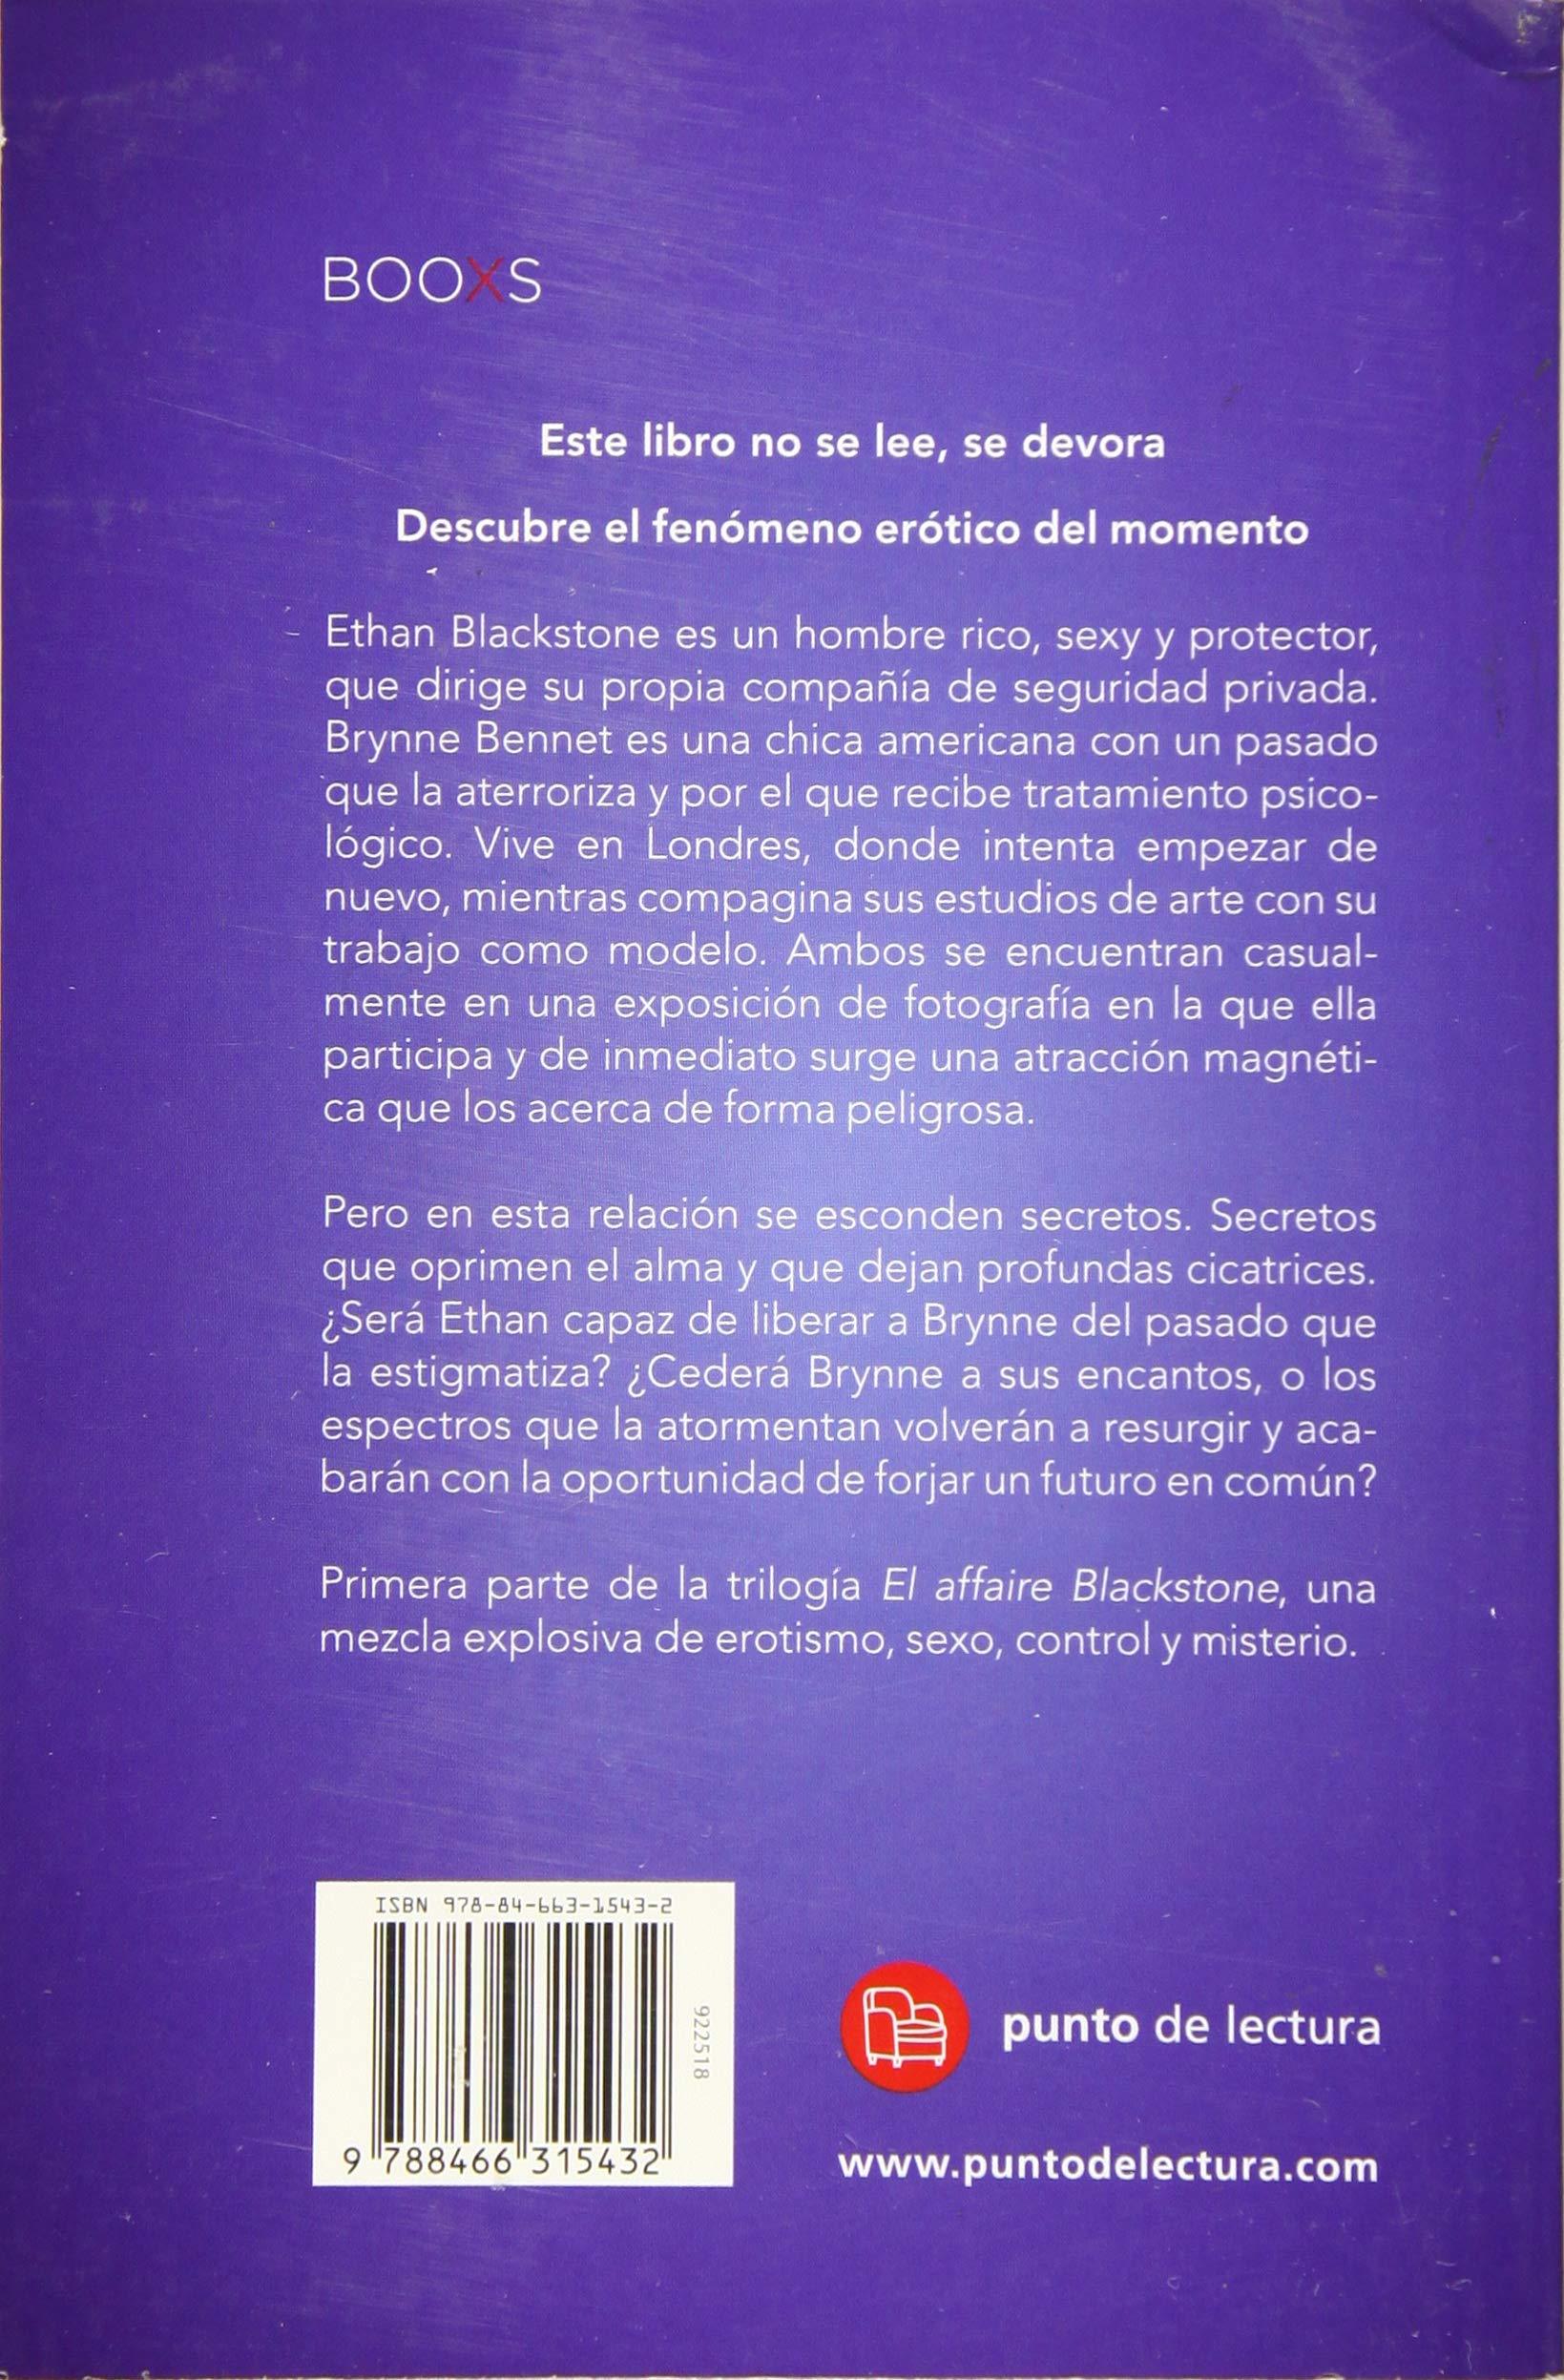 Desnuda (El affaire Blackstone 1) (BOOXS): Amazon.es: Miller ...